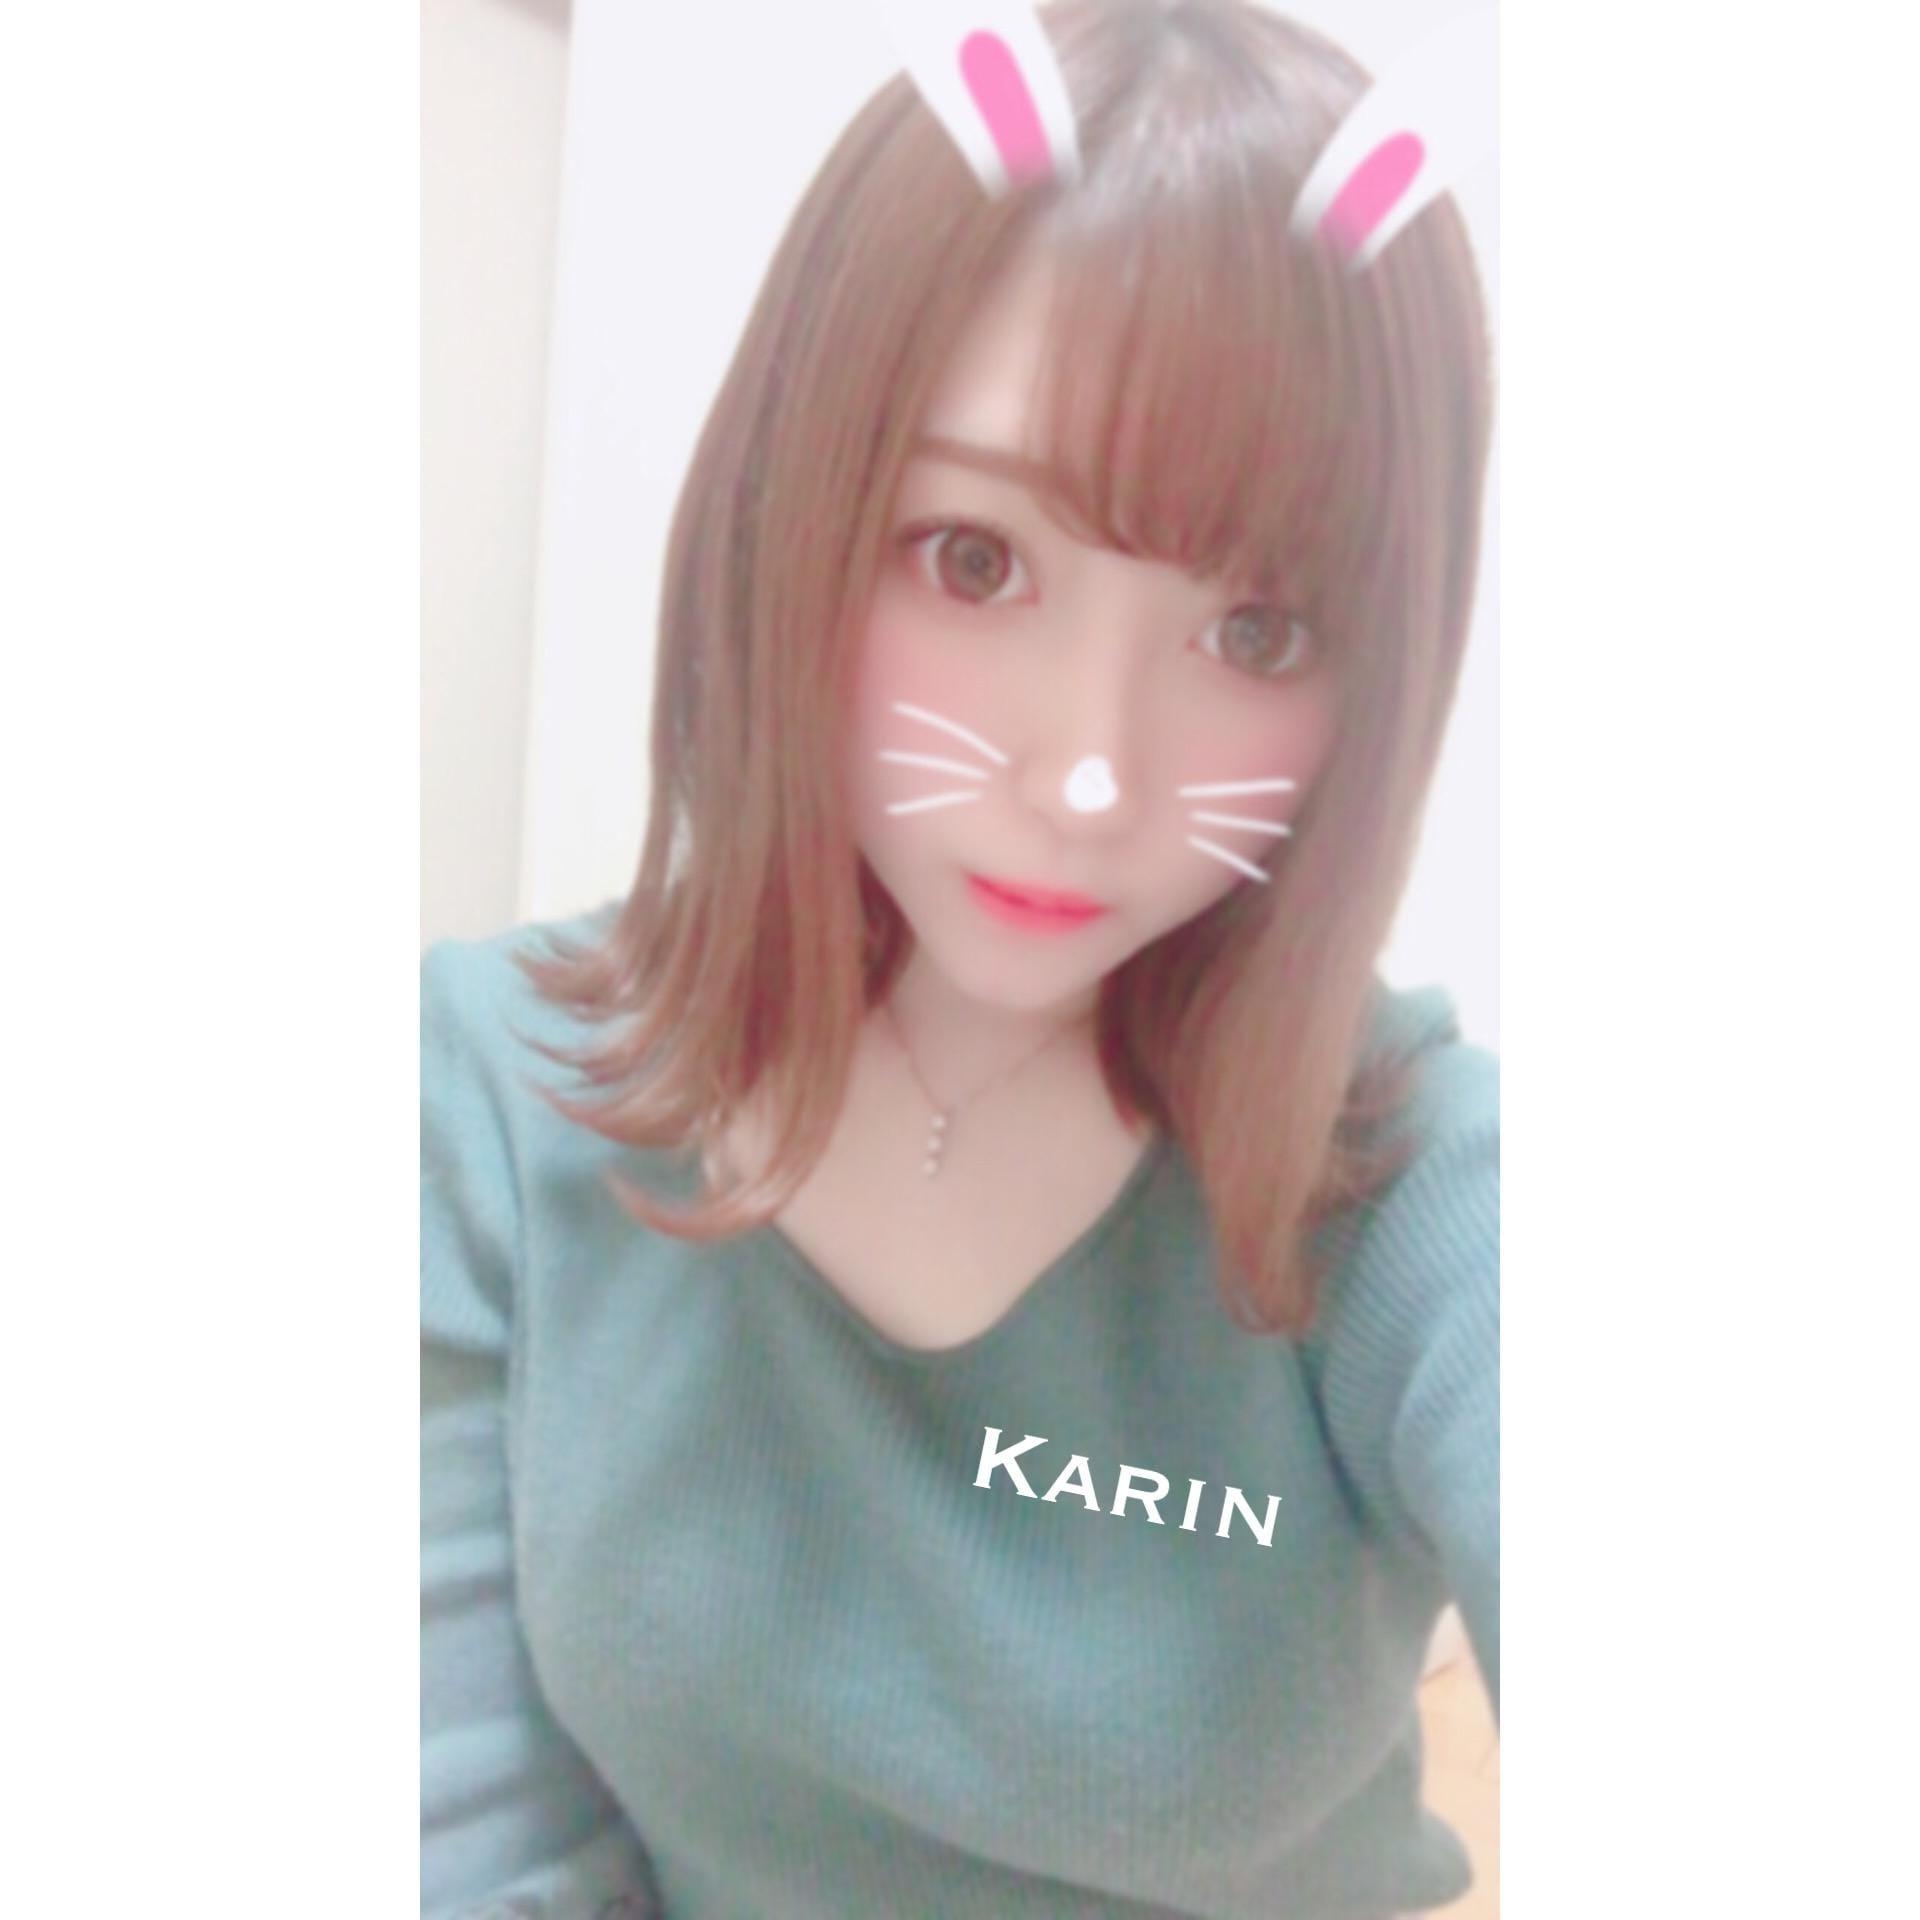 「出勤♪」01/25(金) 21:21 | カリンの写メ・風俗動画